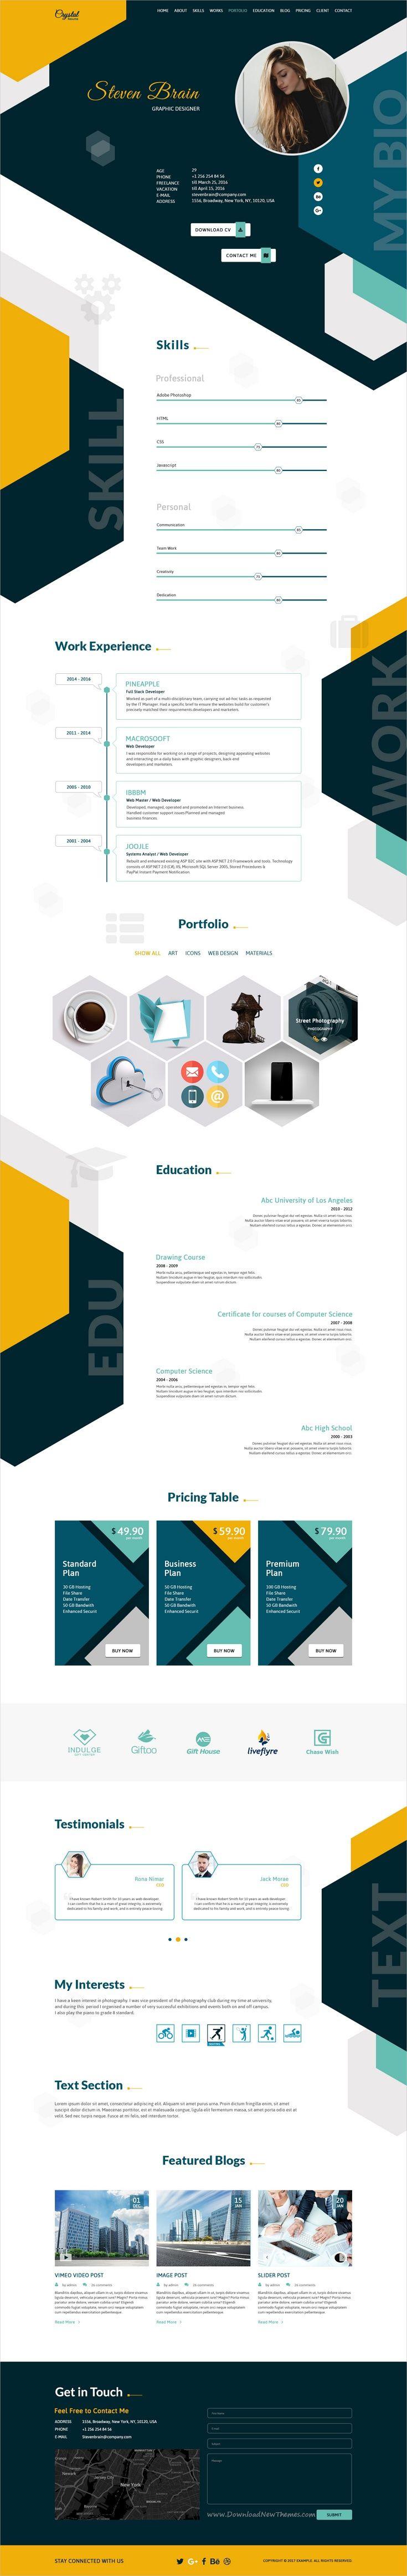 Crystal resume cv psd template cv website cv web